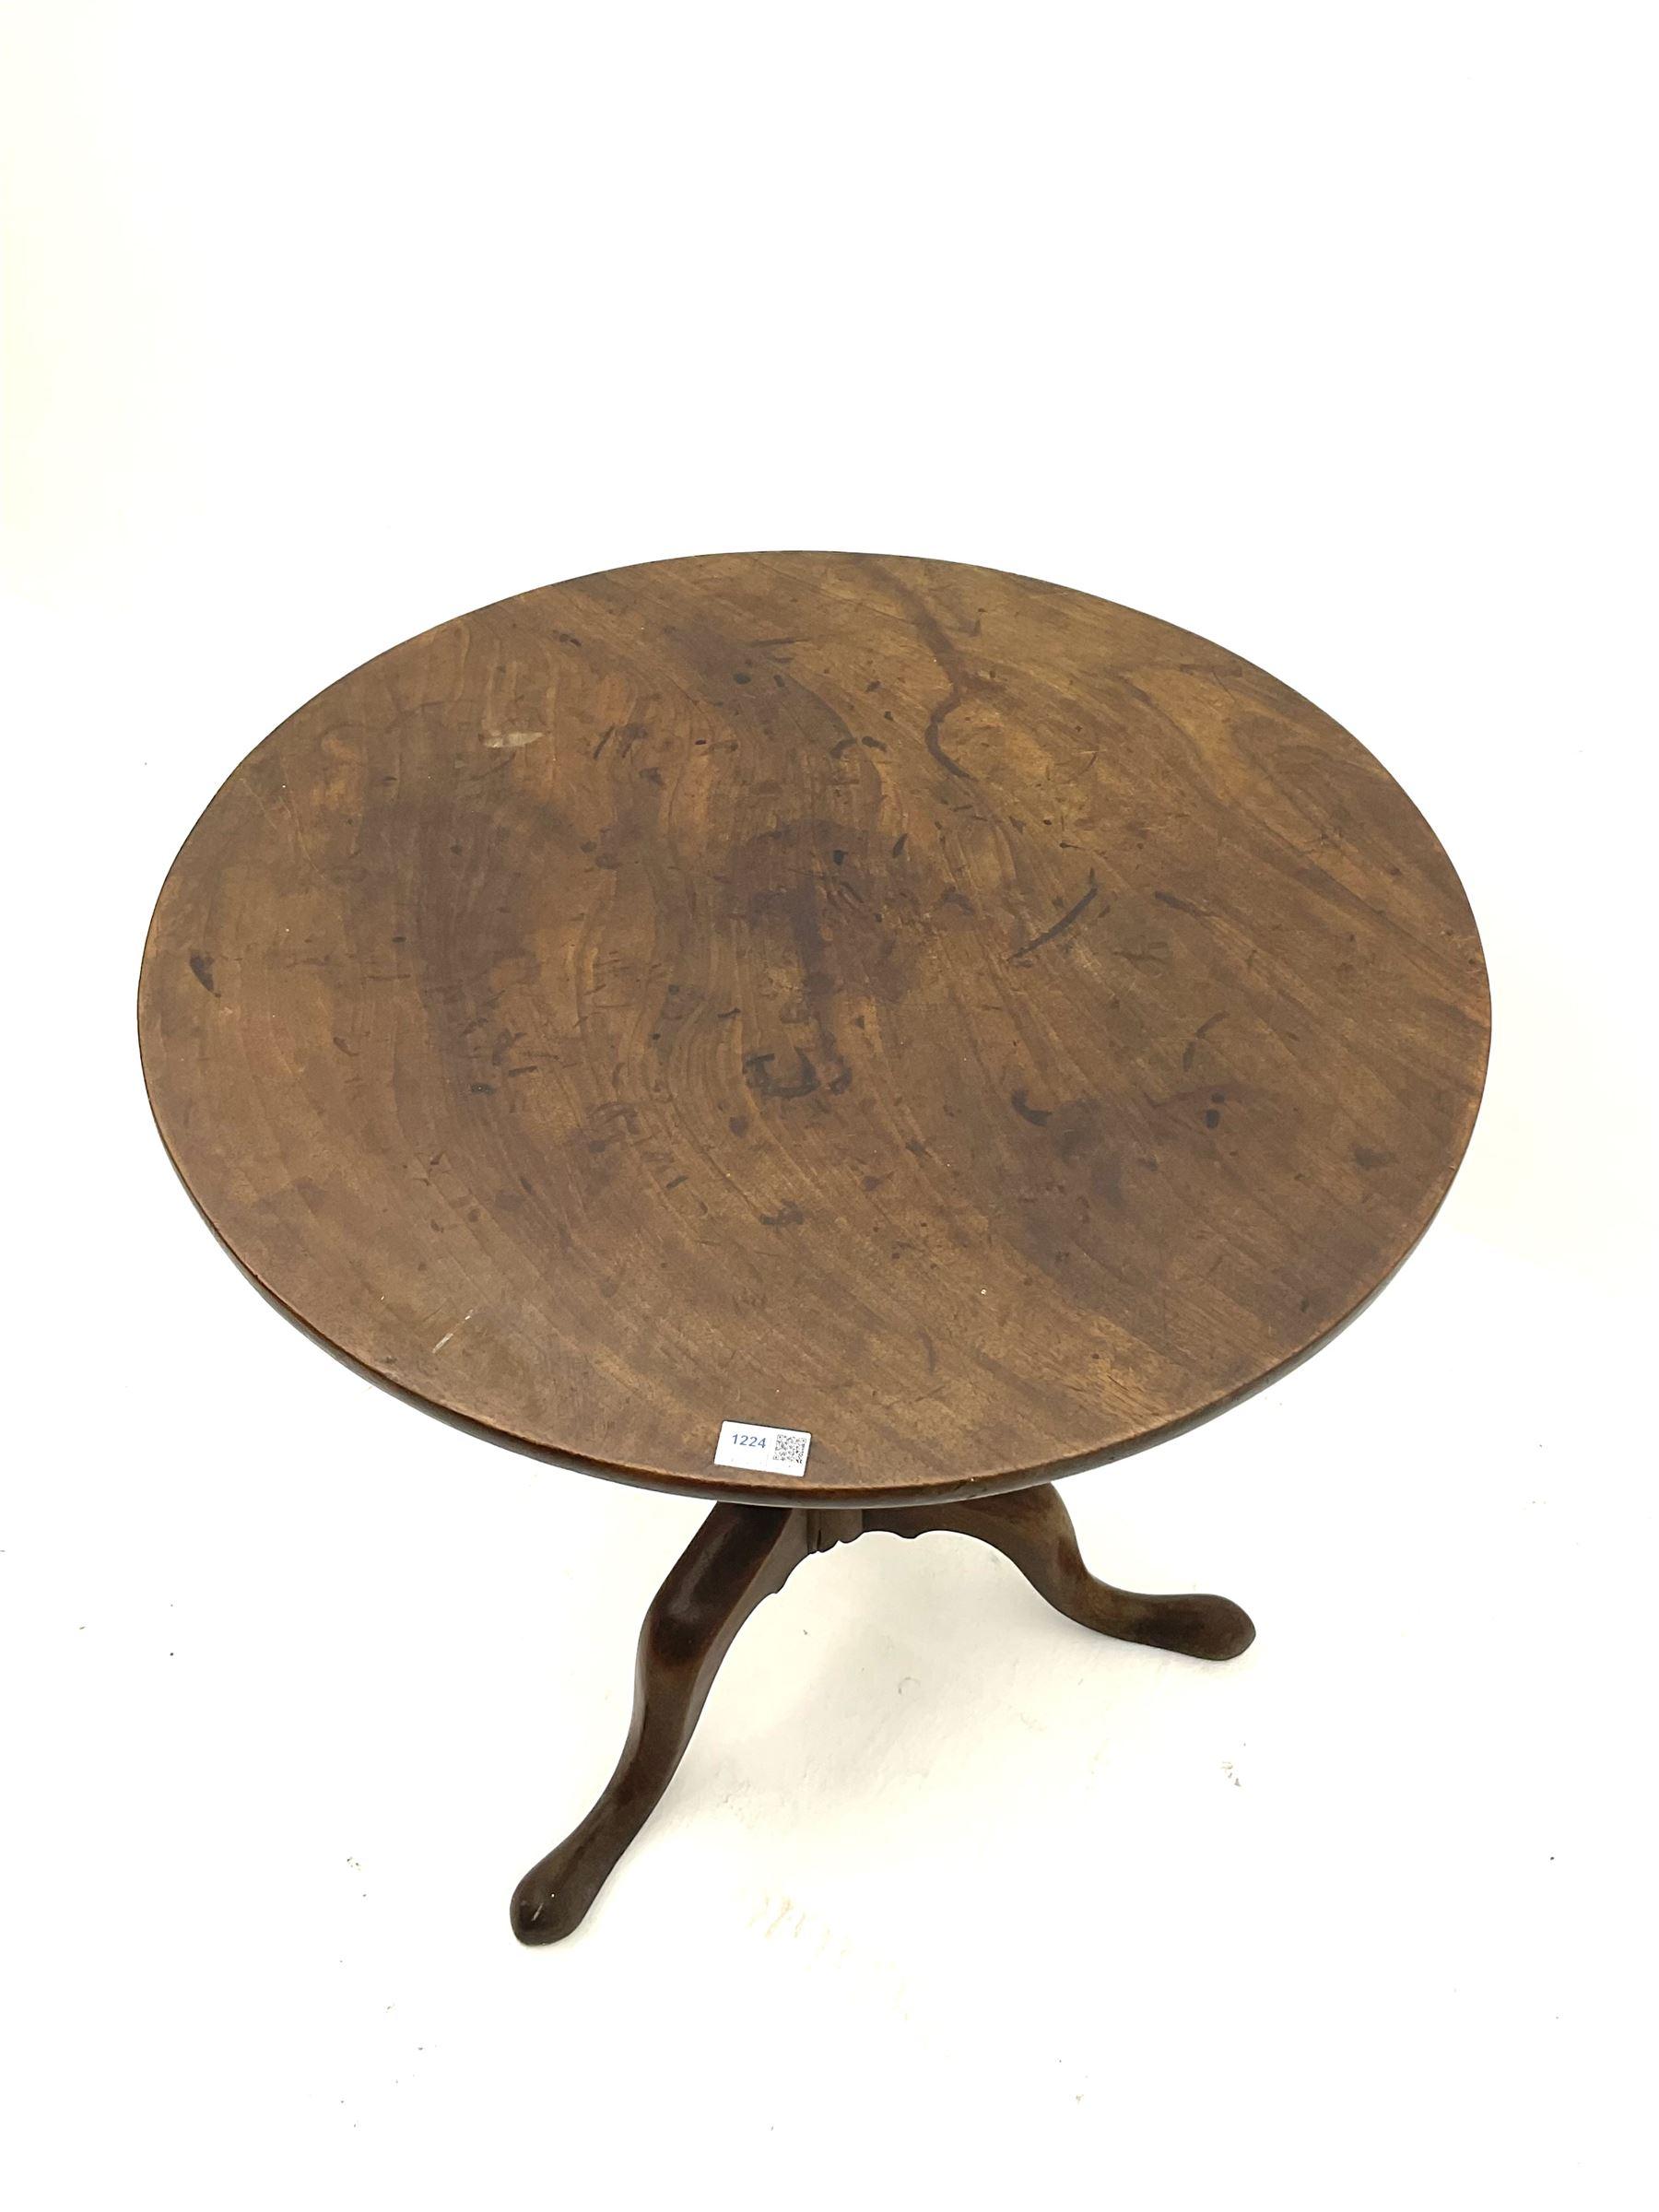 19th century mahogany tripod table - Image 2 of 3